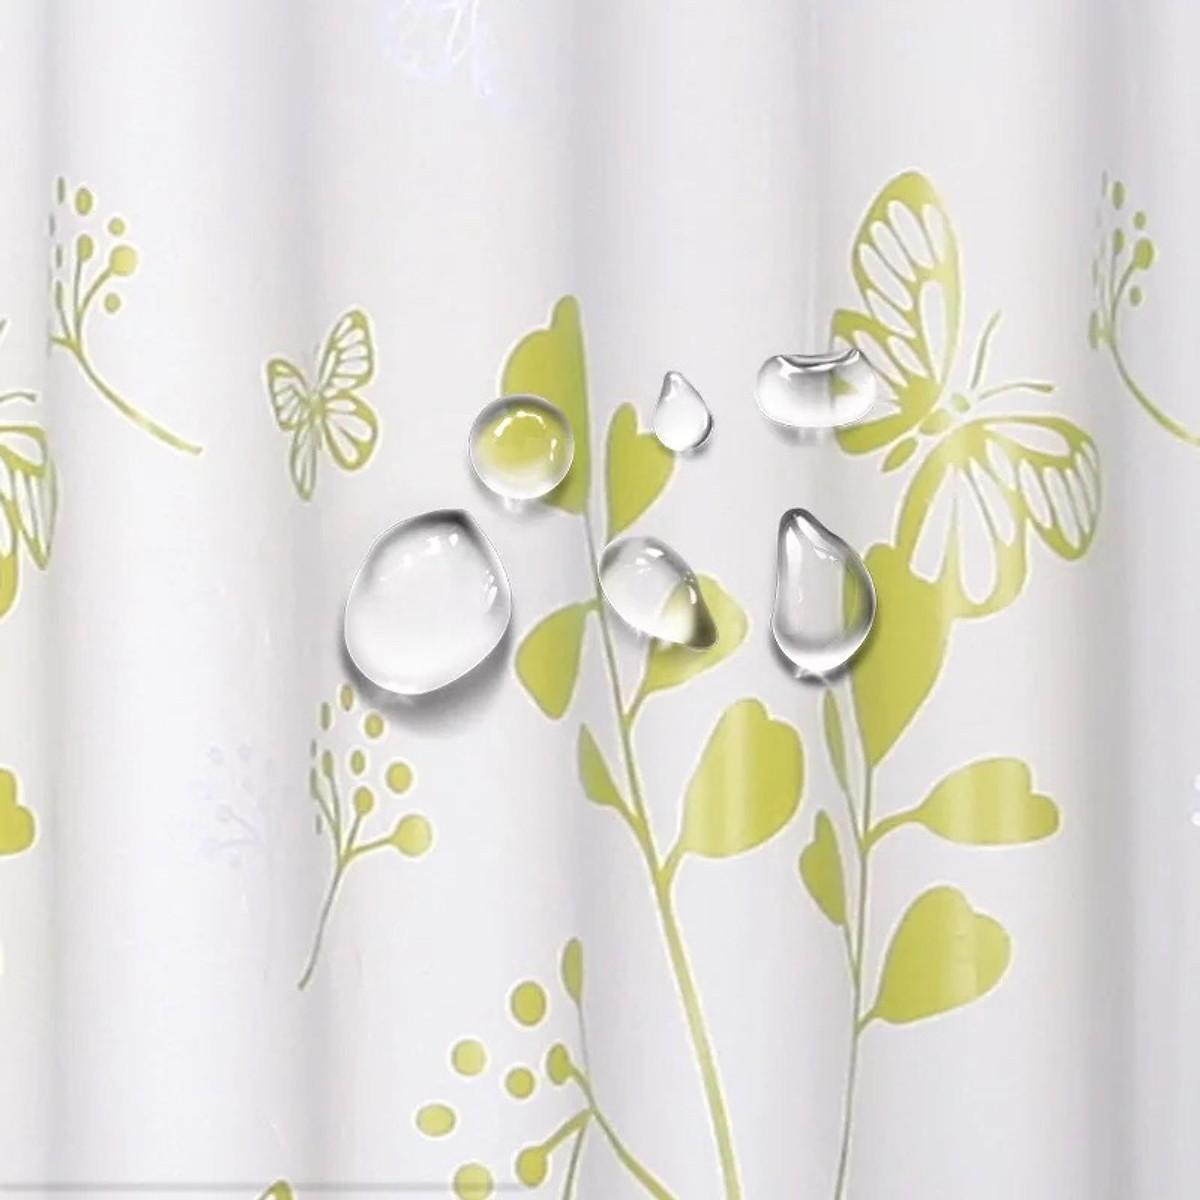 Rèm Phòng Tắm / Rèm Cửa Sổ Trằng Họa Tiết Hoa Xanh Lá 180cm X 180cm Loại 1